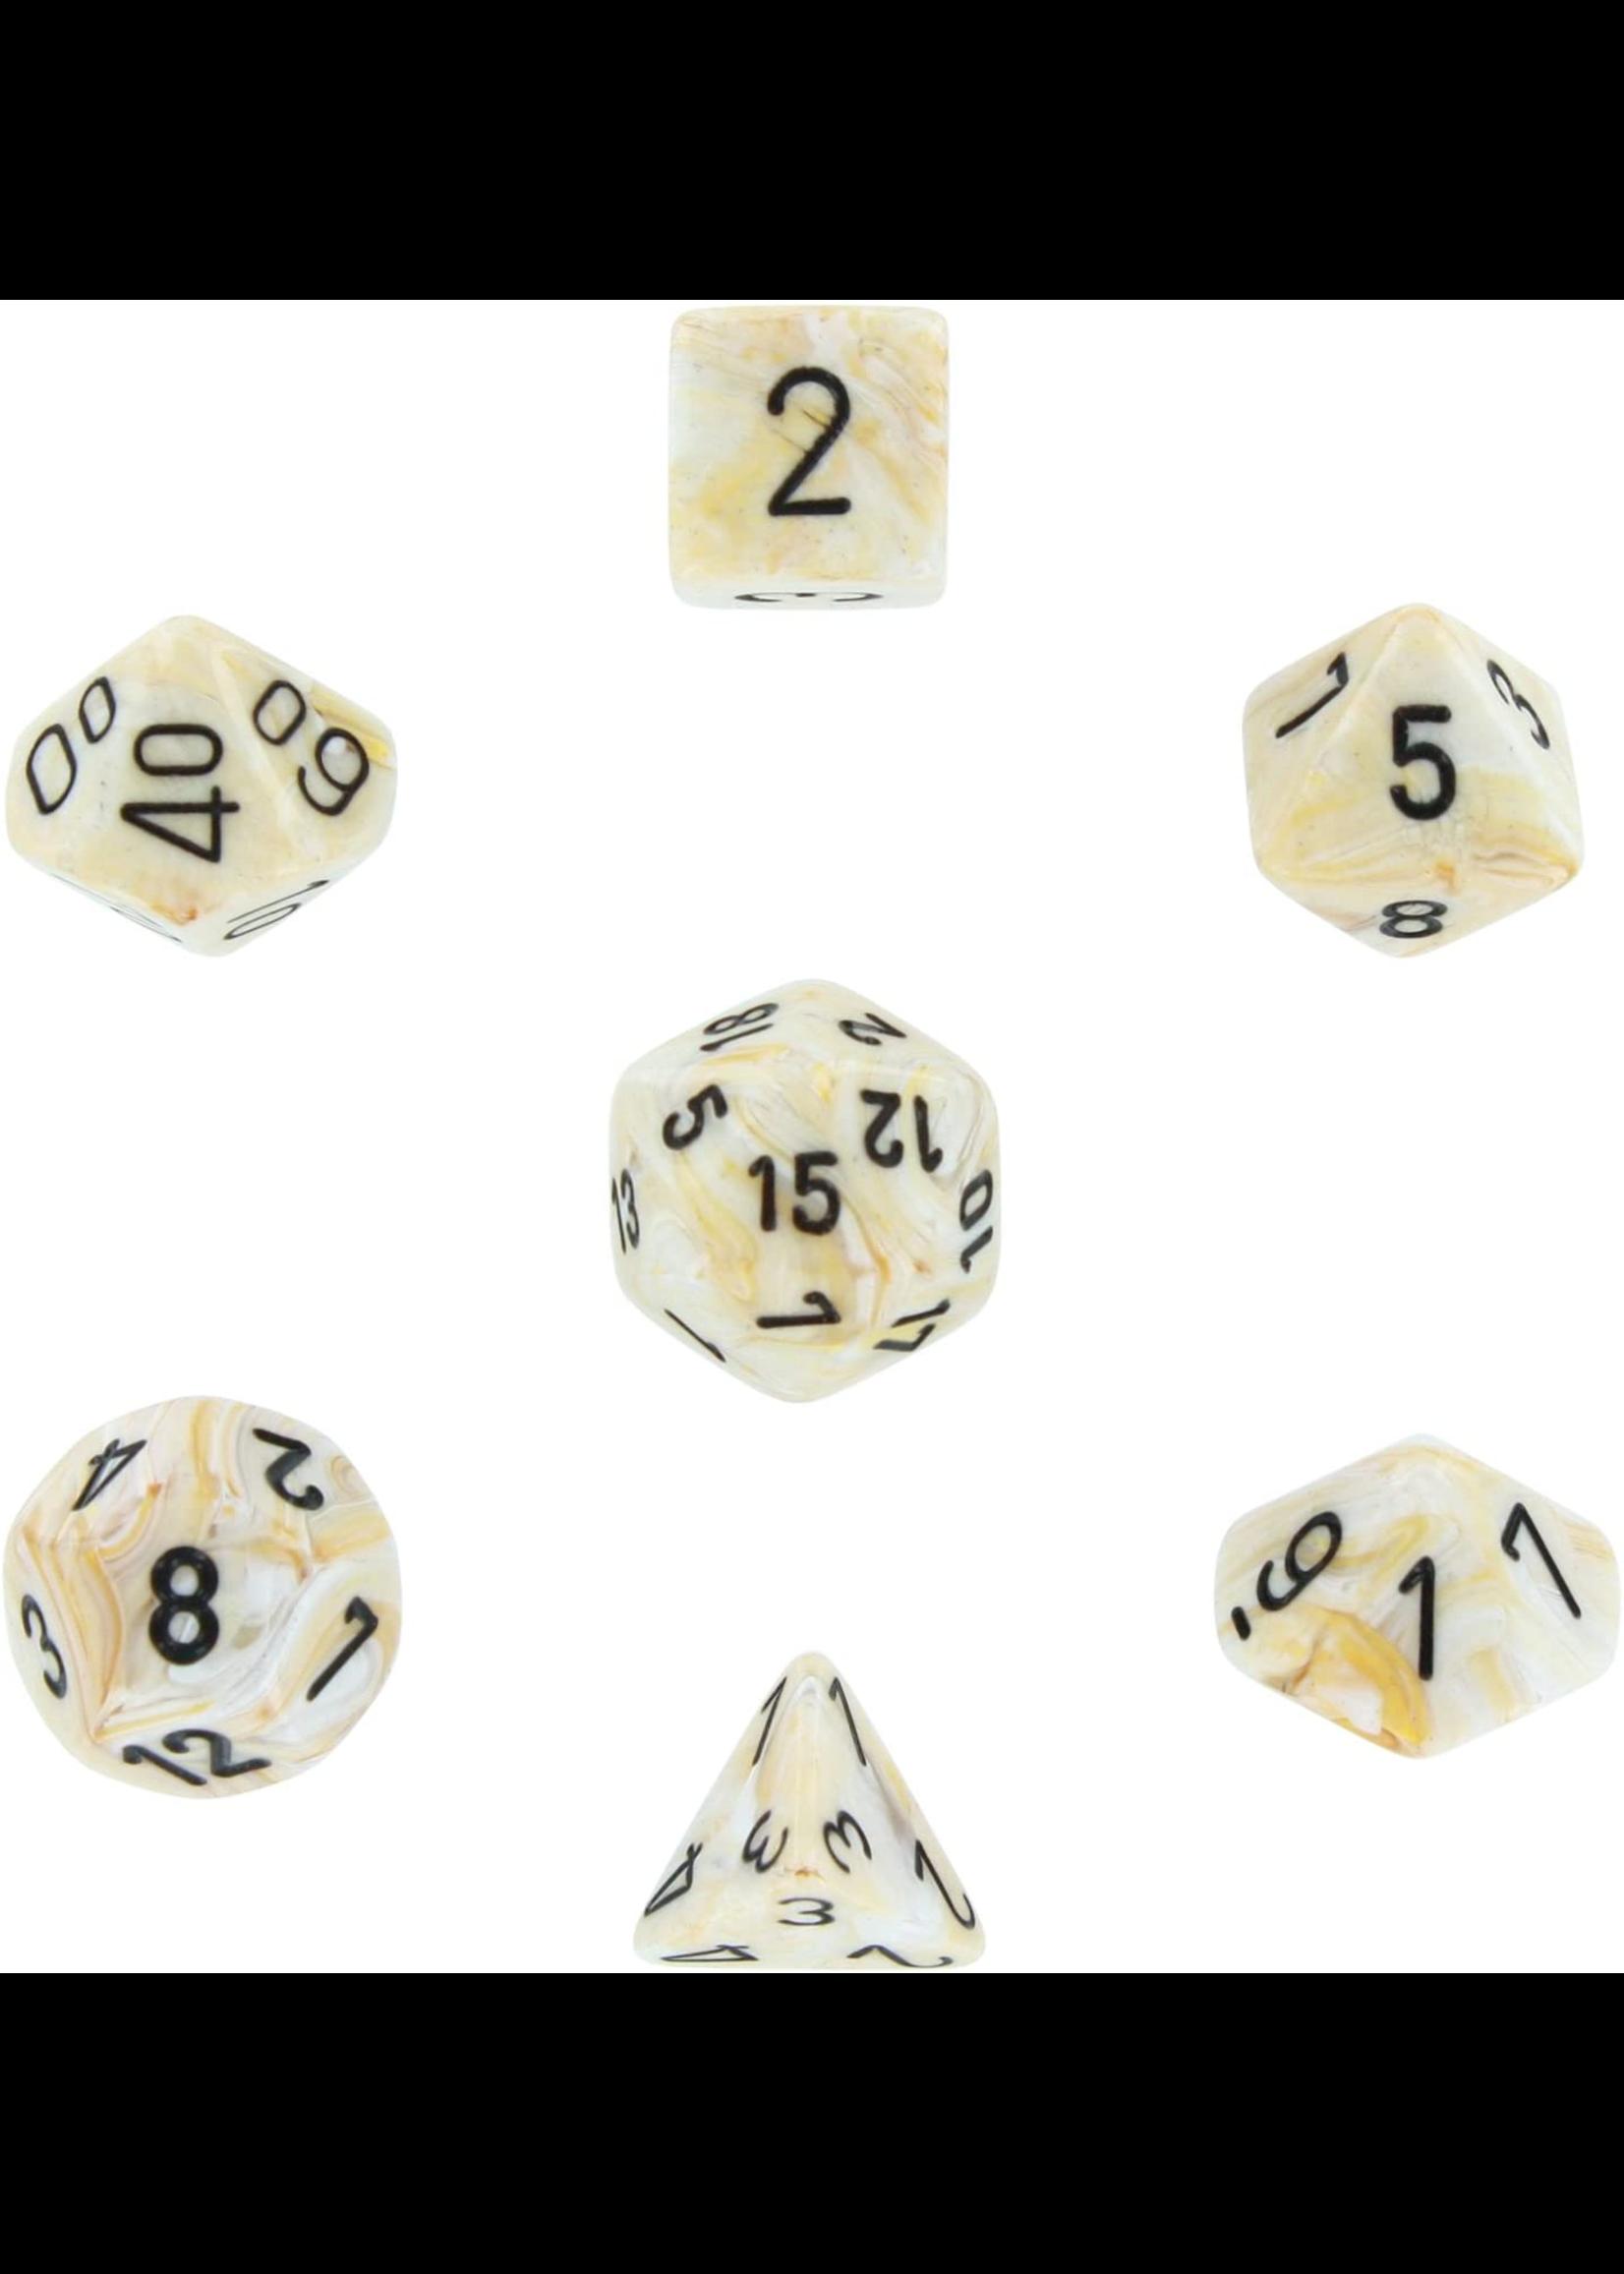 Gemini Polyhedral 7-Die Sets - Marble Ivory w/black